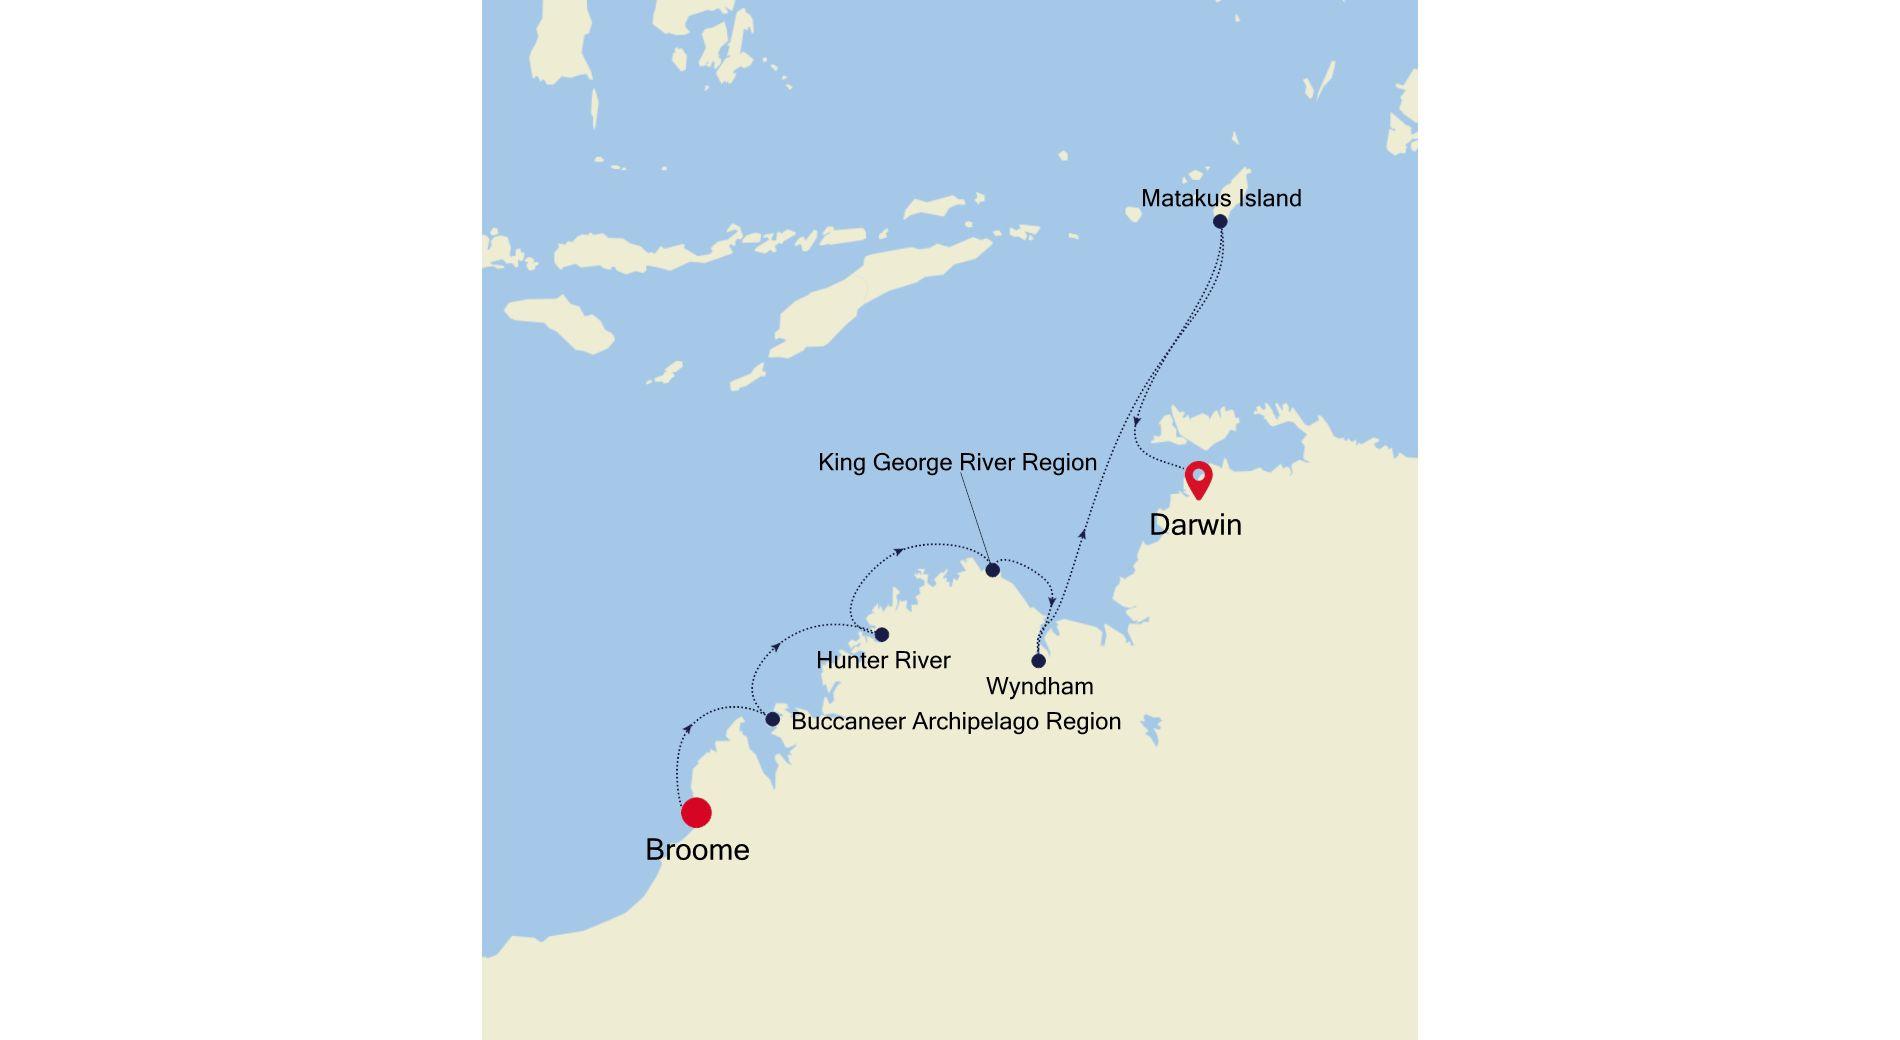 E1210803010 - Broome to Darwin